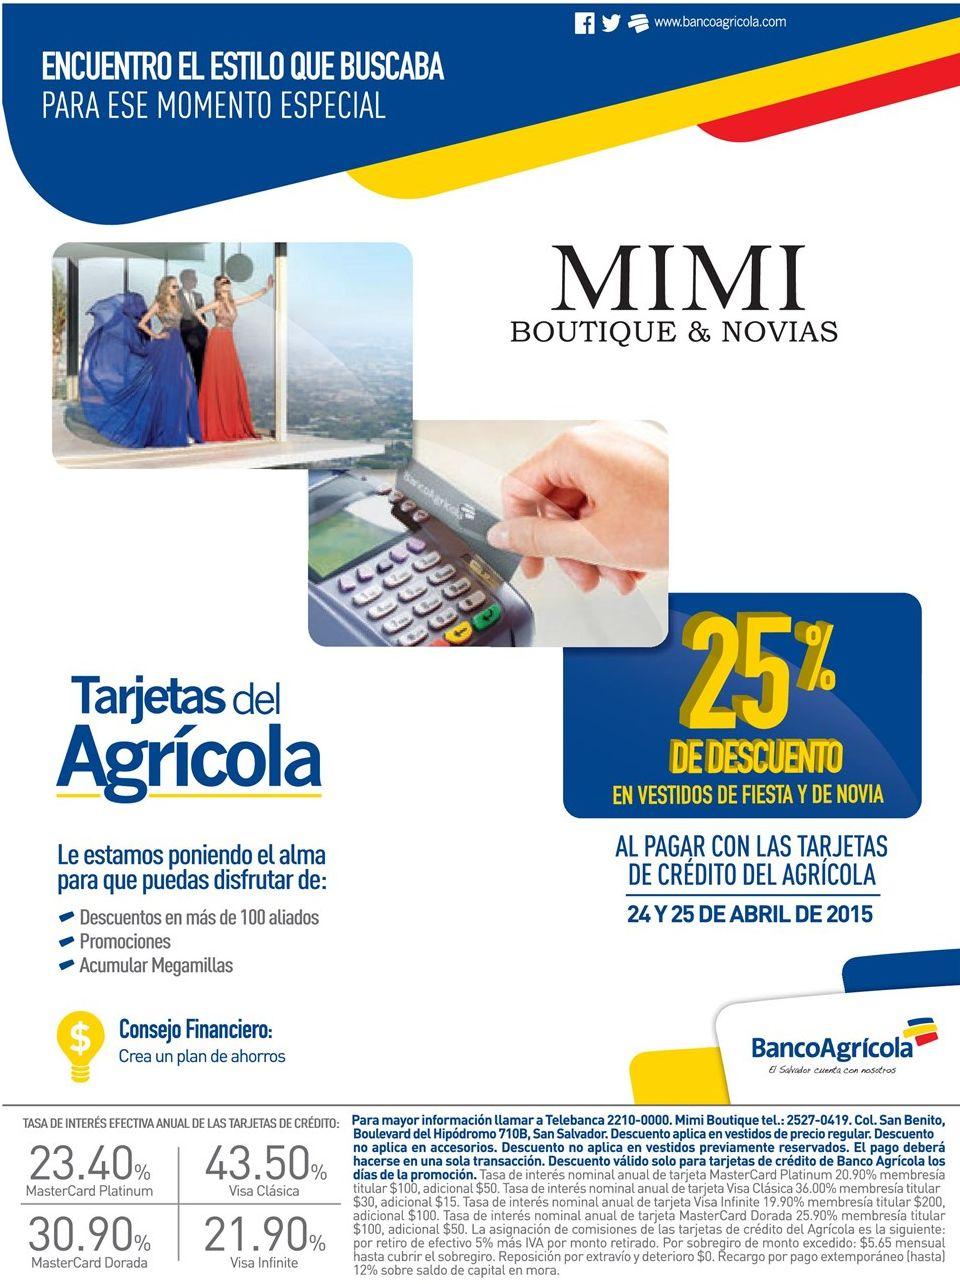 25 OFF en MIMI boutique apparel wedding con banco agricola - 24abr15